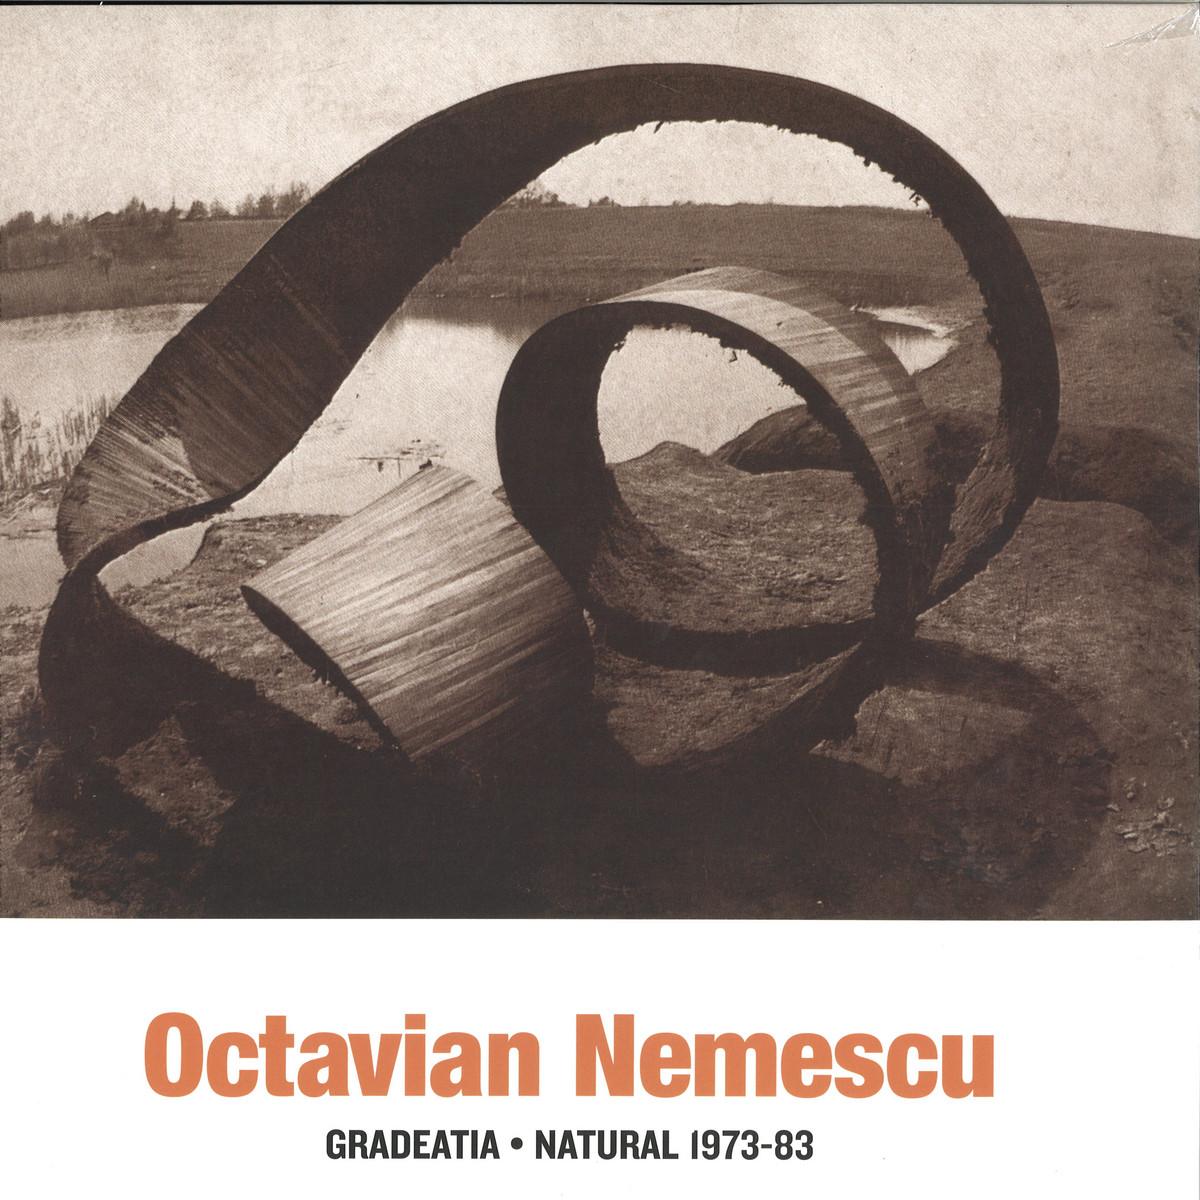 Octavian Nemescu